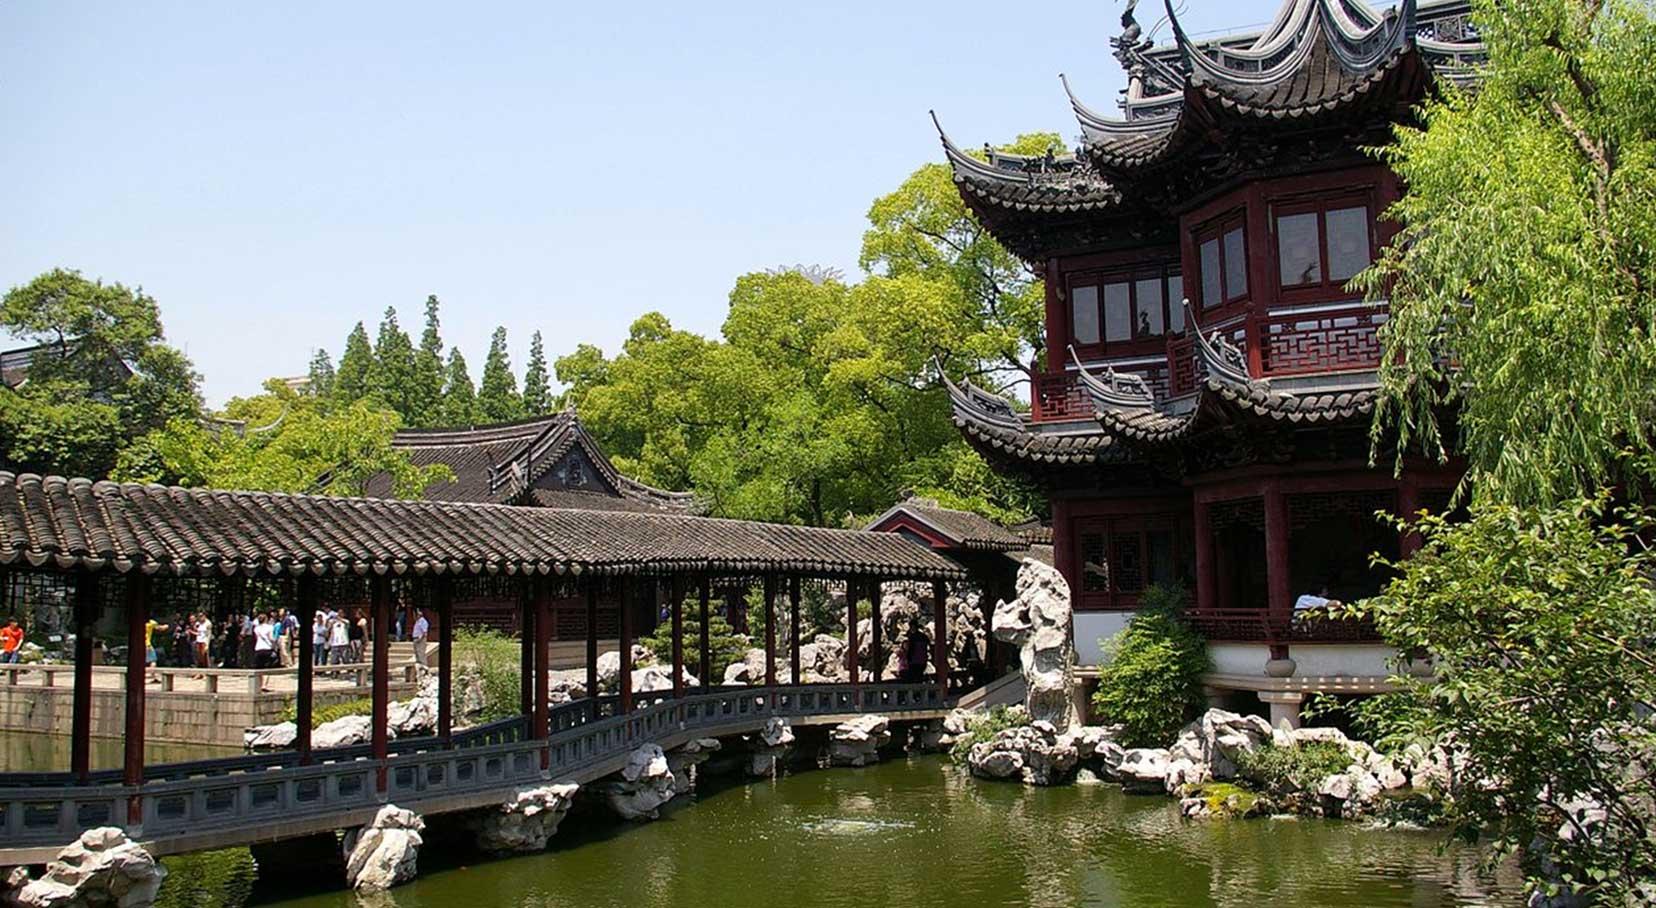 Dunedin Chinese Garden - Sister Garden Yu Yuan